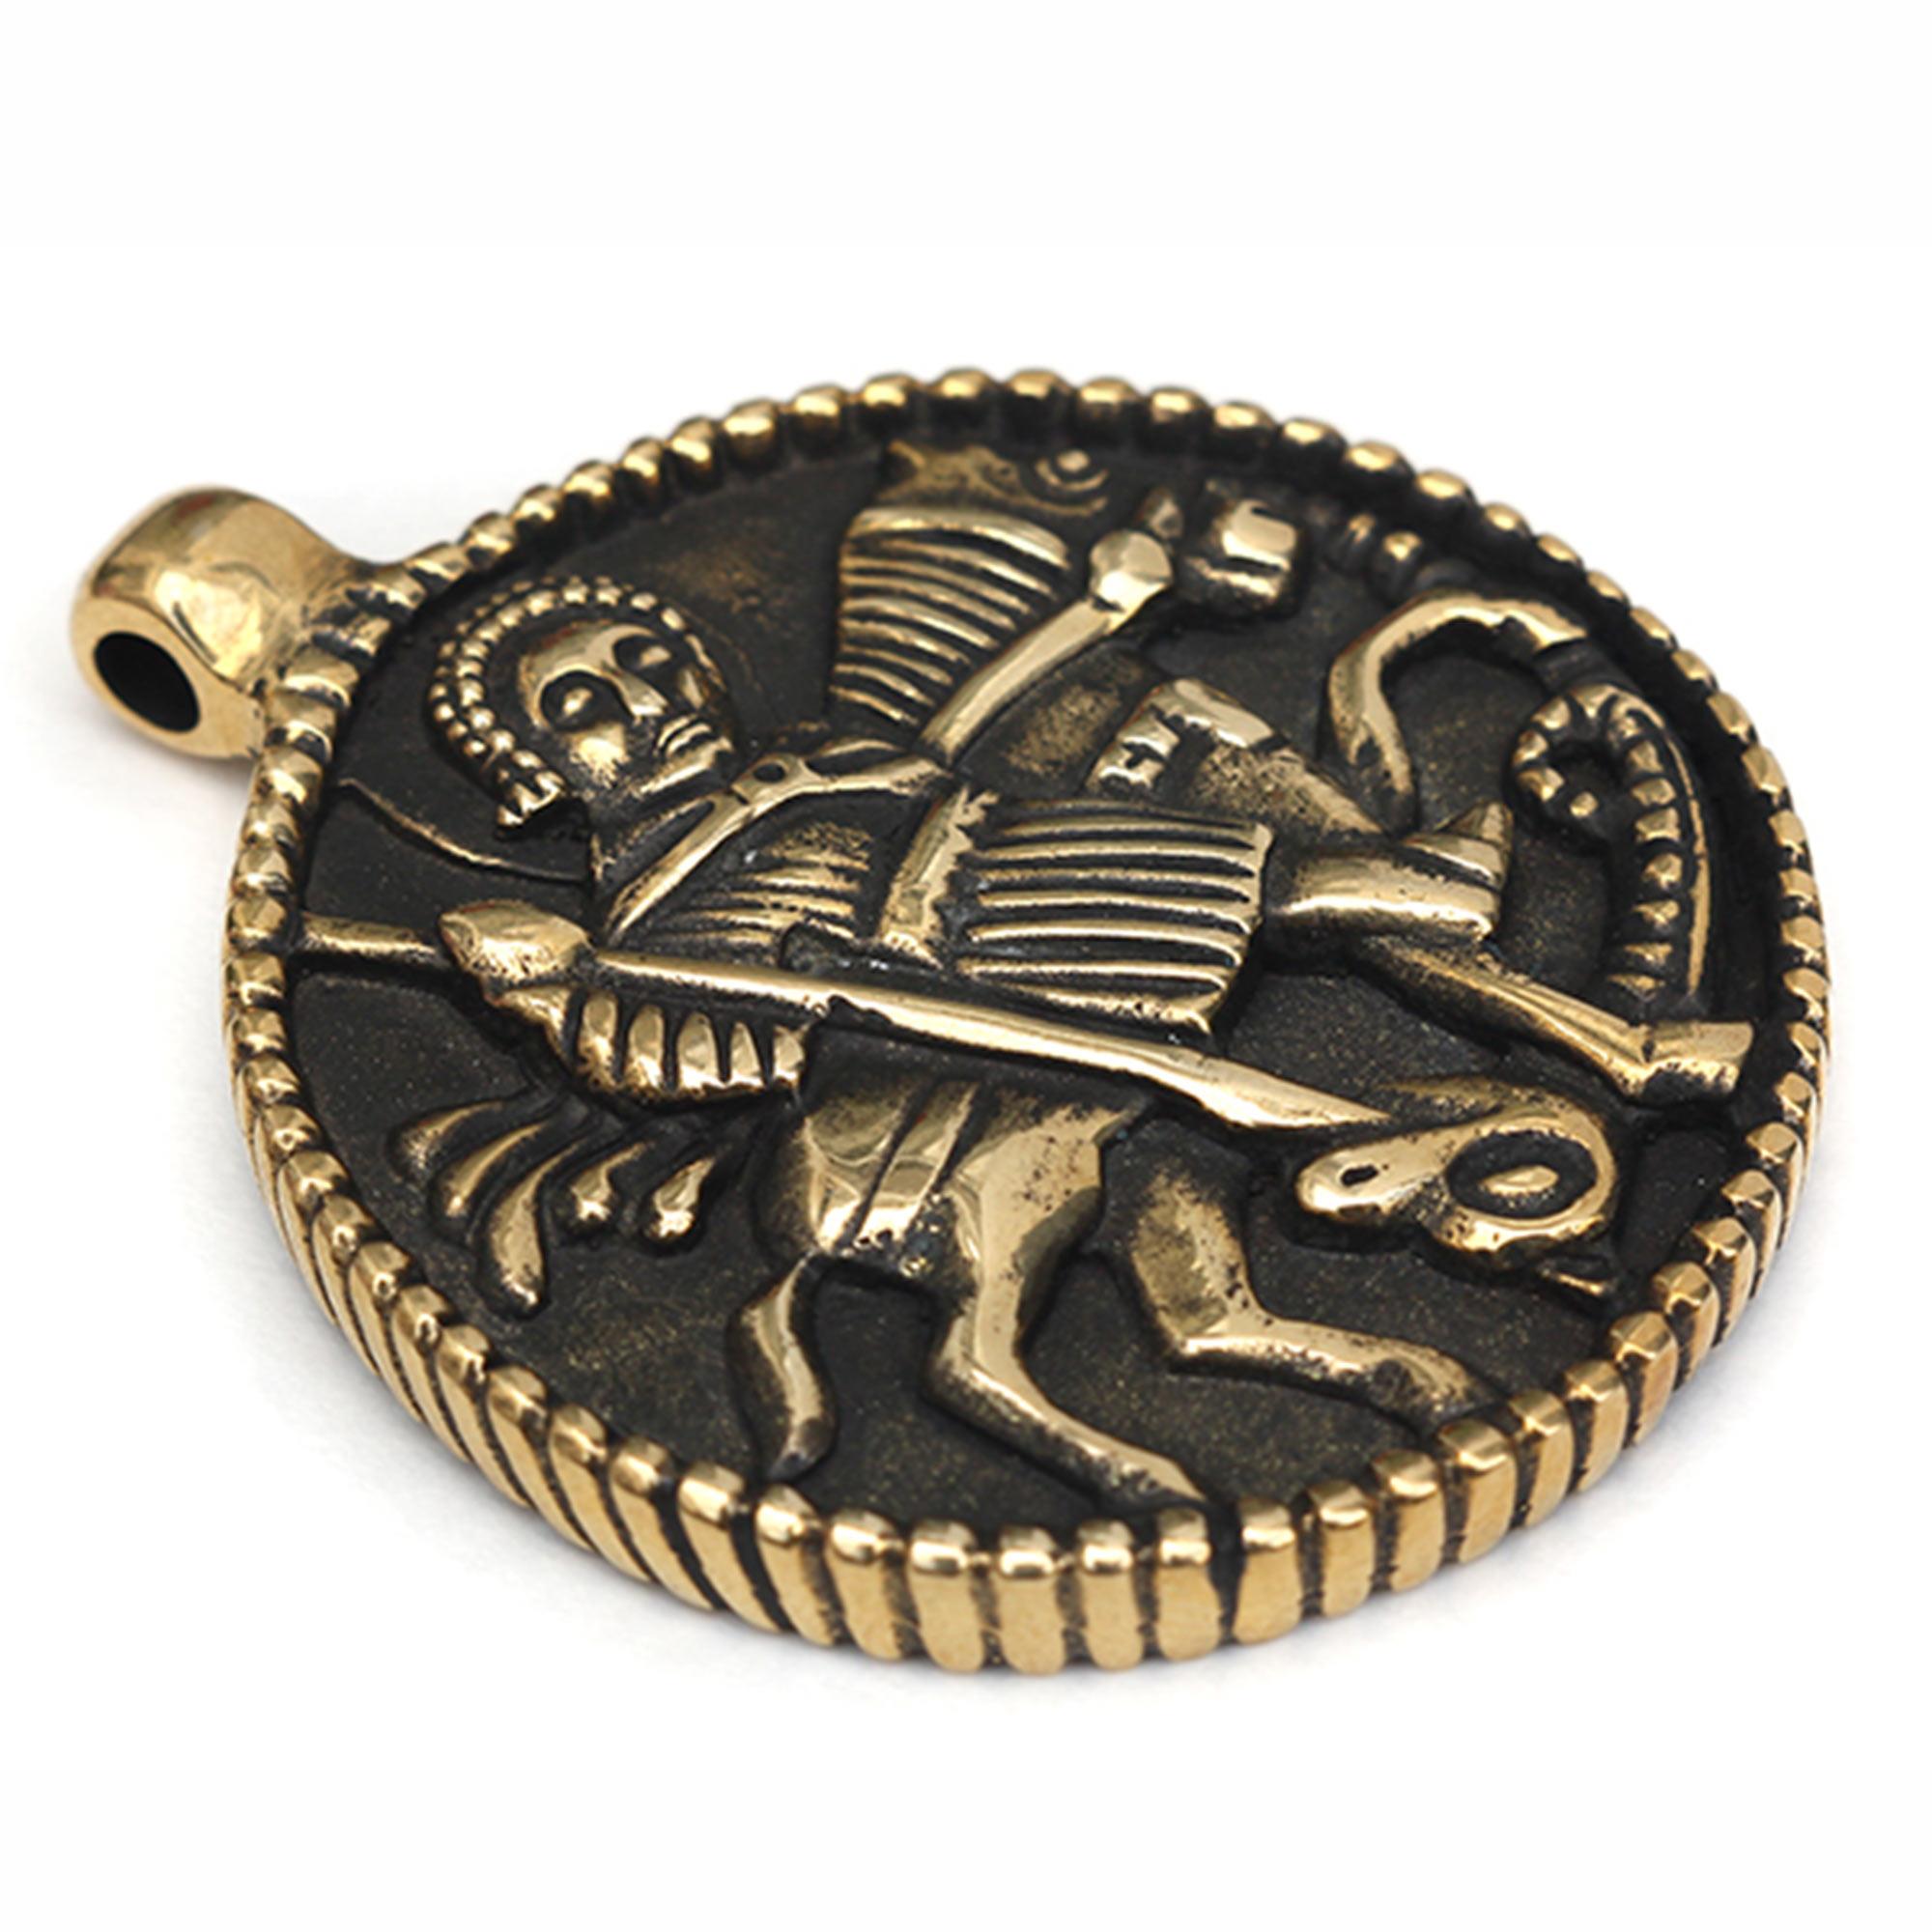 бронзовый кулон георгий победоносец змеевик купить в симферополе